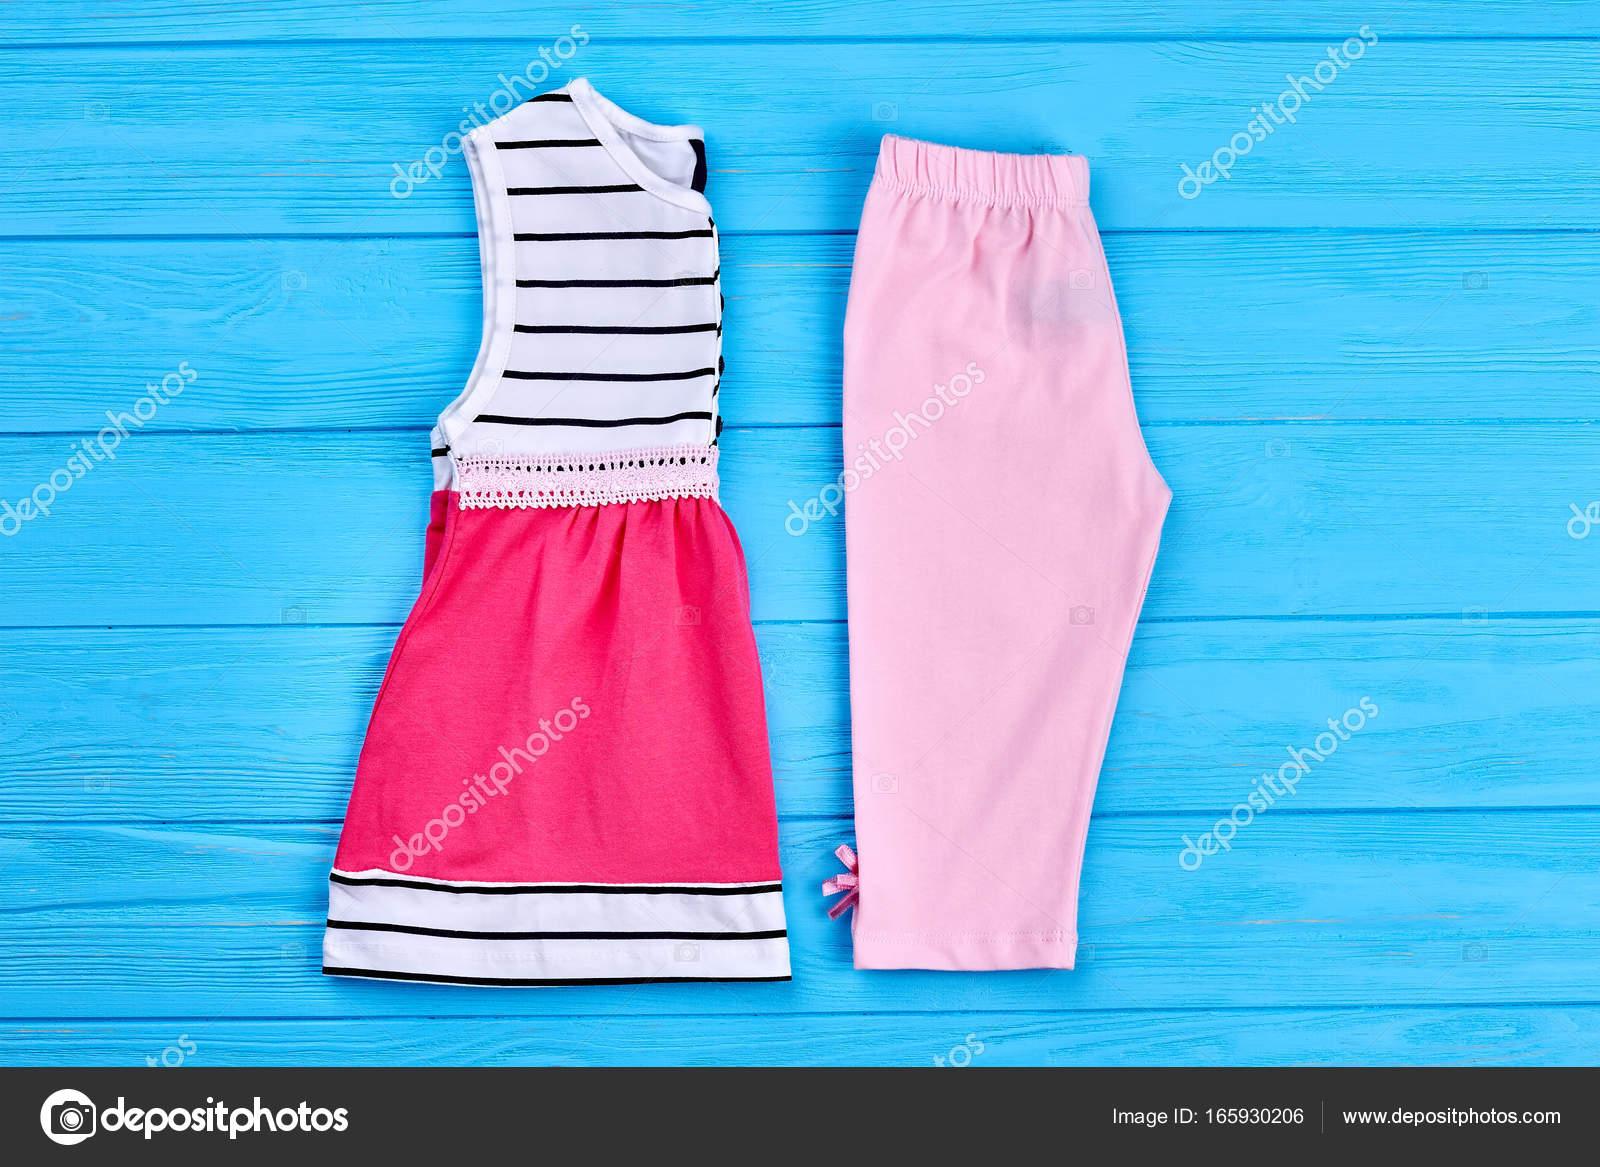 d2e8678a9 Ropa de algodón de verano de niña de niño. Nueva colección de ropa de  verano para las niñas en el fondo de madera azul. Estilo de moda de niños —  Foto de ...